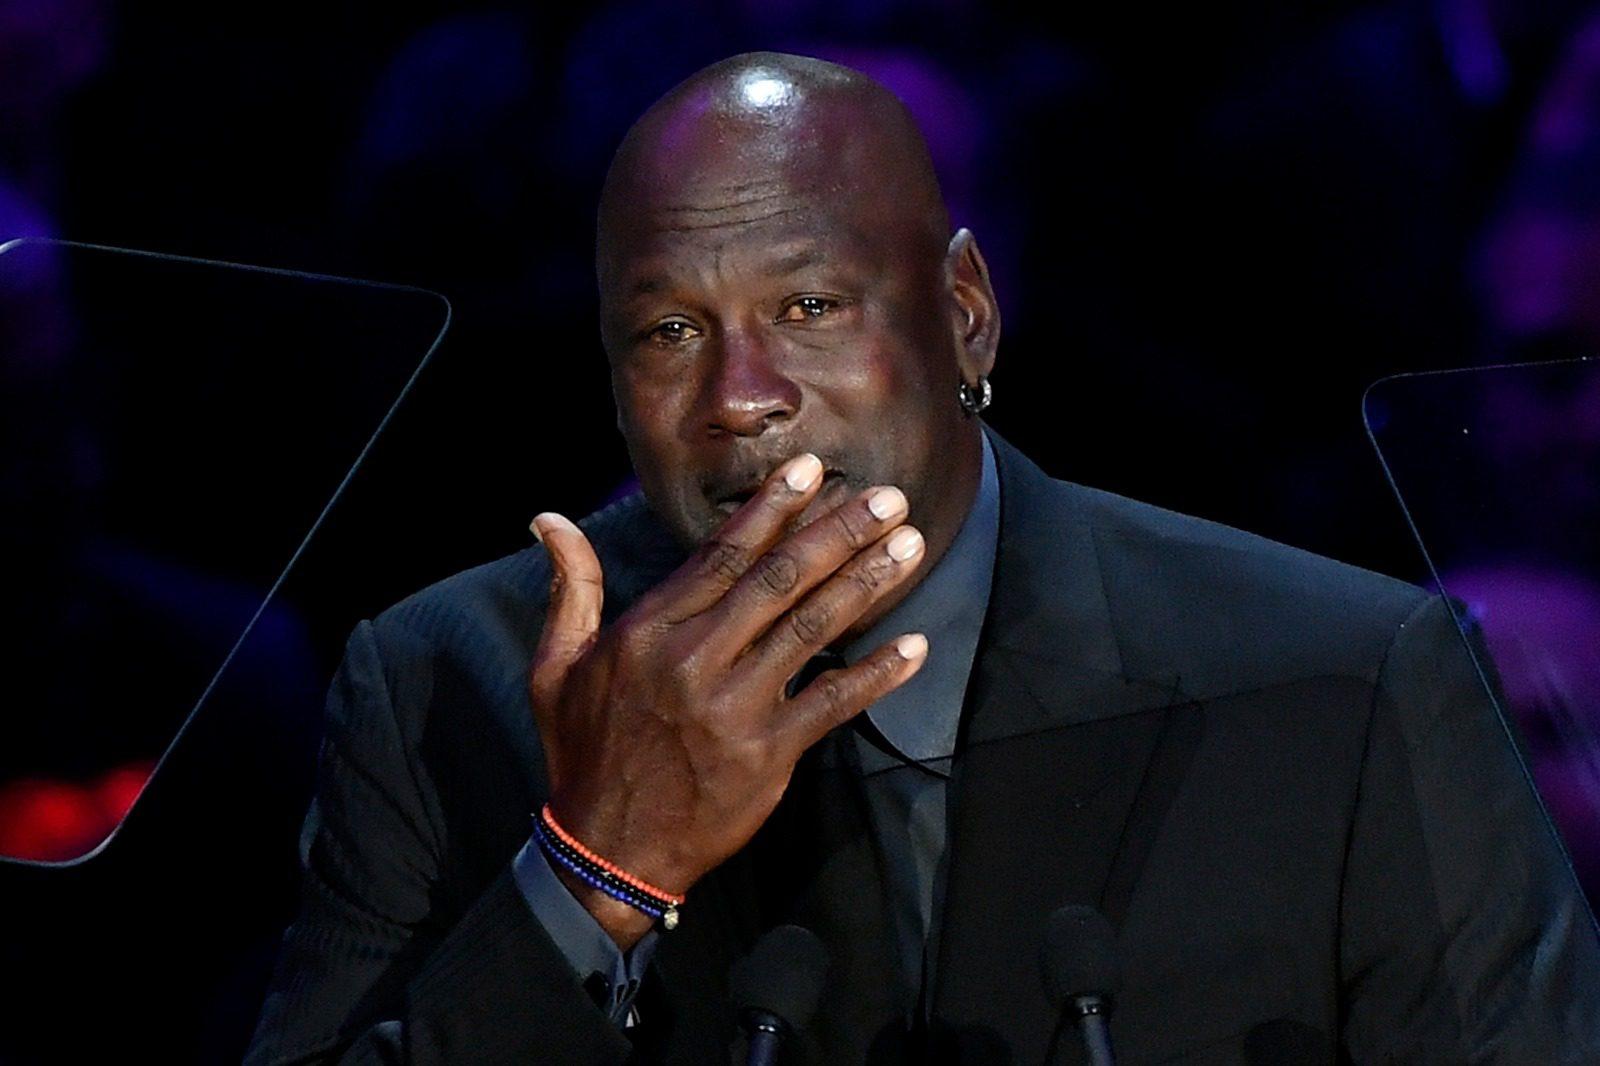 Un emocionado Jordan saca una sonrisa a todos en la ceremonia de Kobe y Gigi (Vídeo)